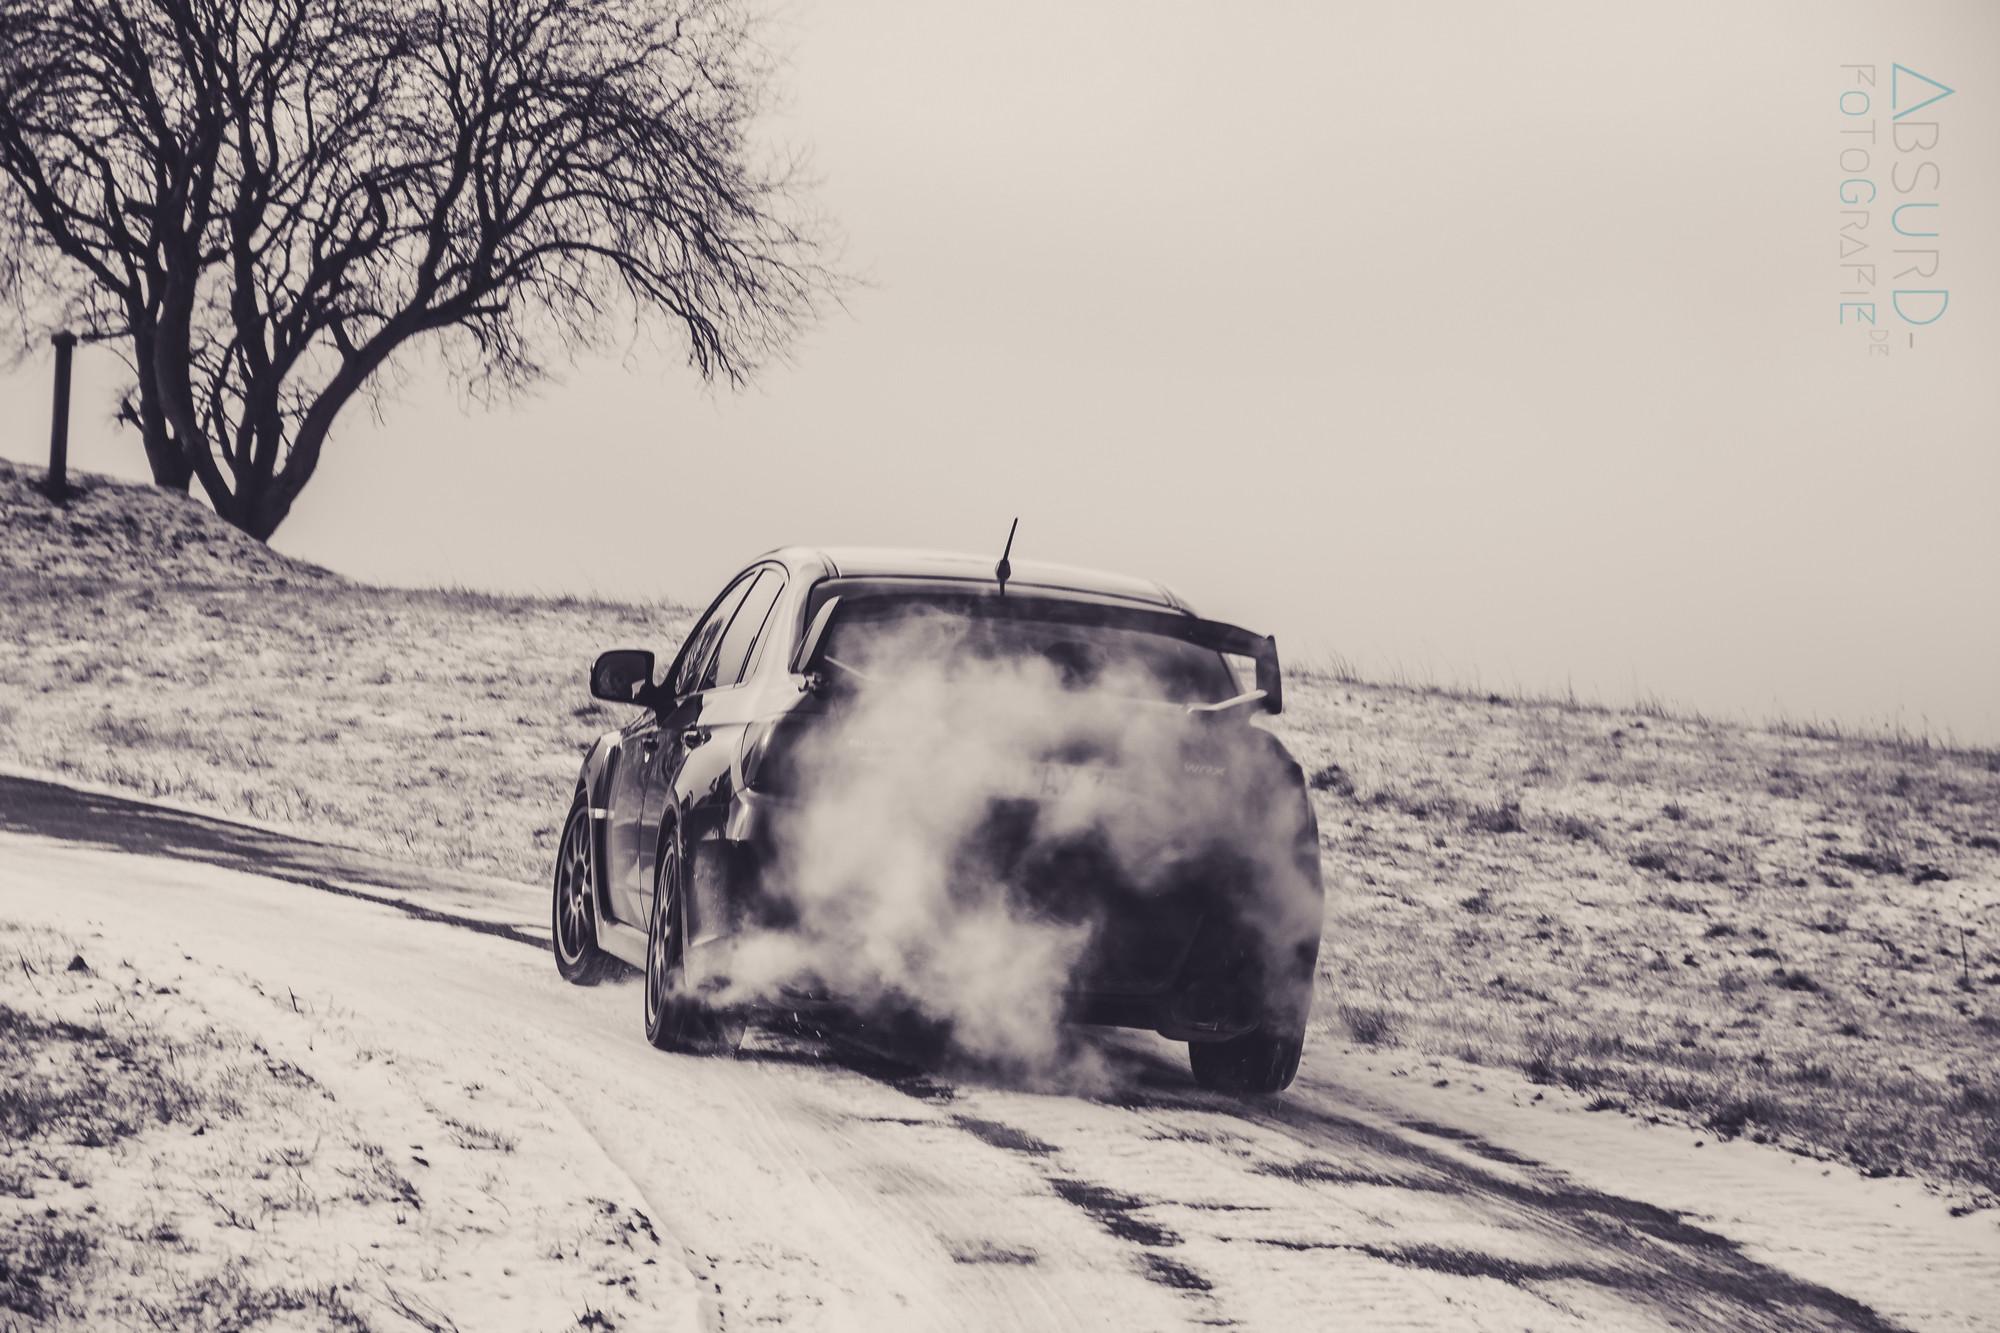 2019-01-20-Alex-Subaru-STI - DSC02310-00427-lredit-_tn.jpg